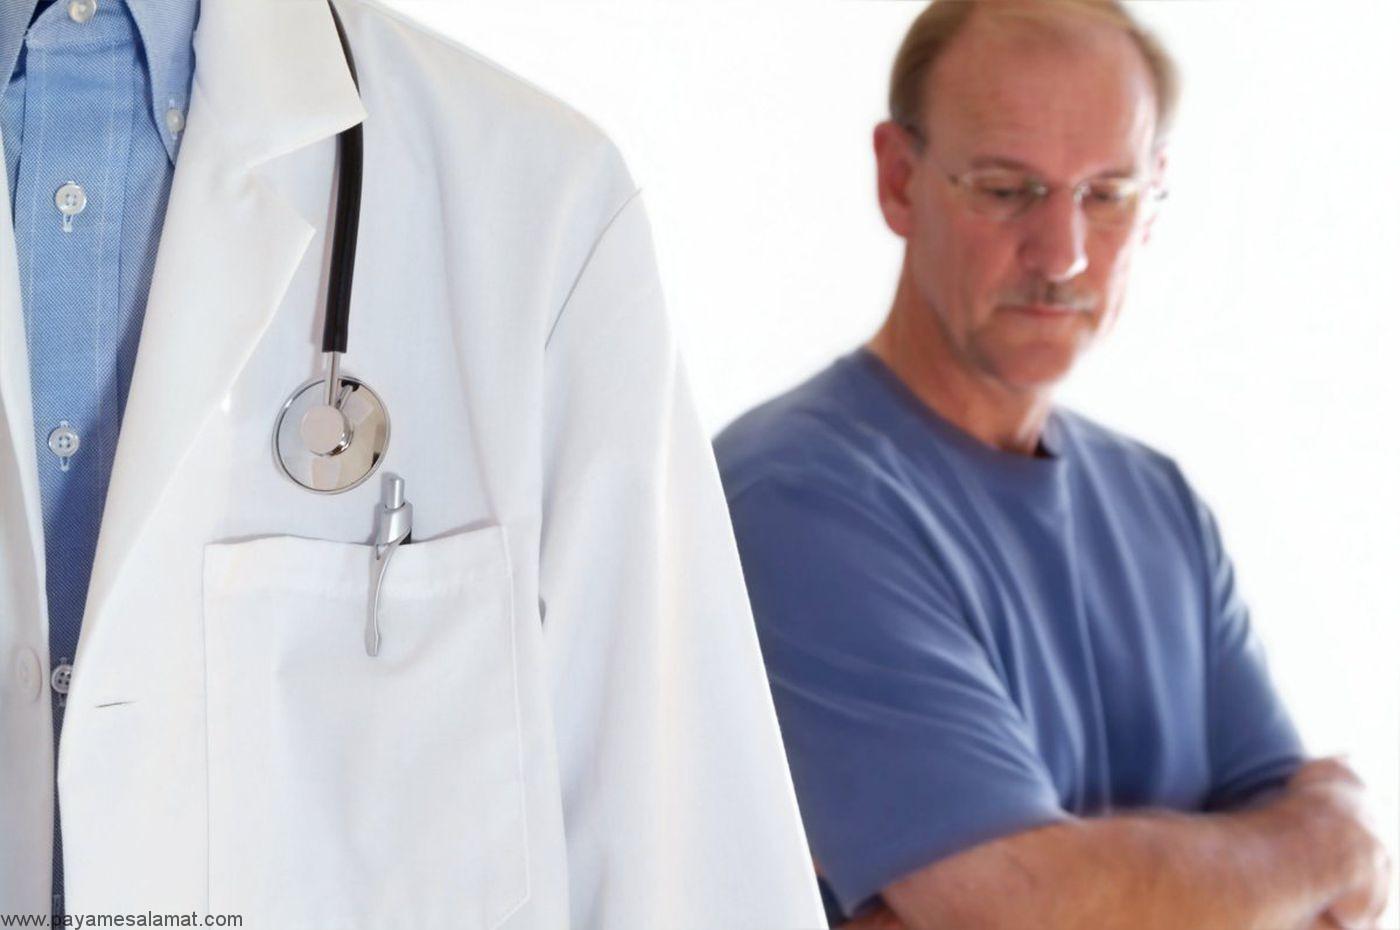 سرطان پروستات متاستاتیک ؛ آنچه که باید در مورد این بیماری بدانید